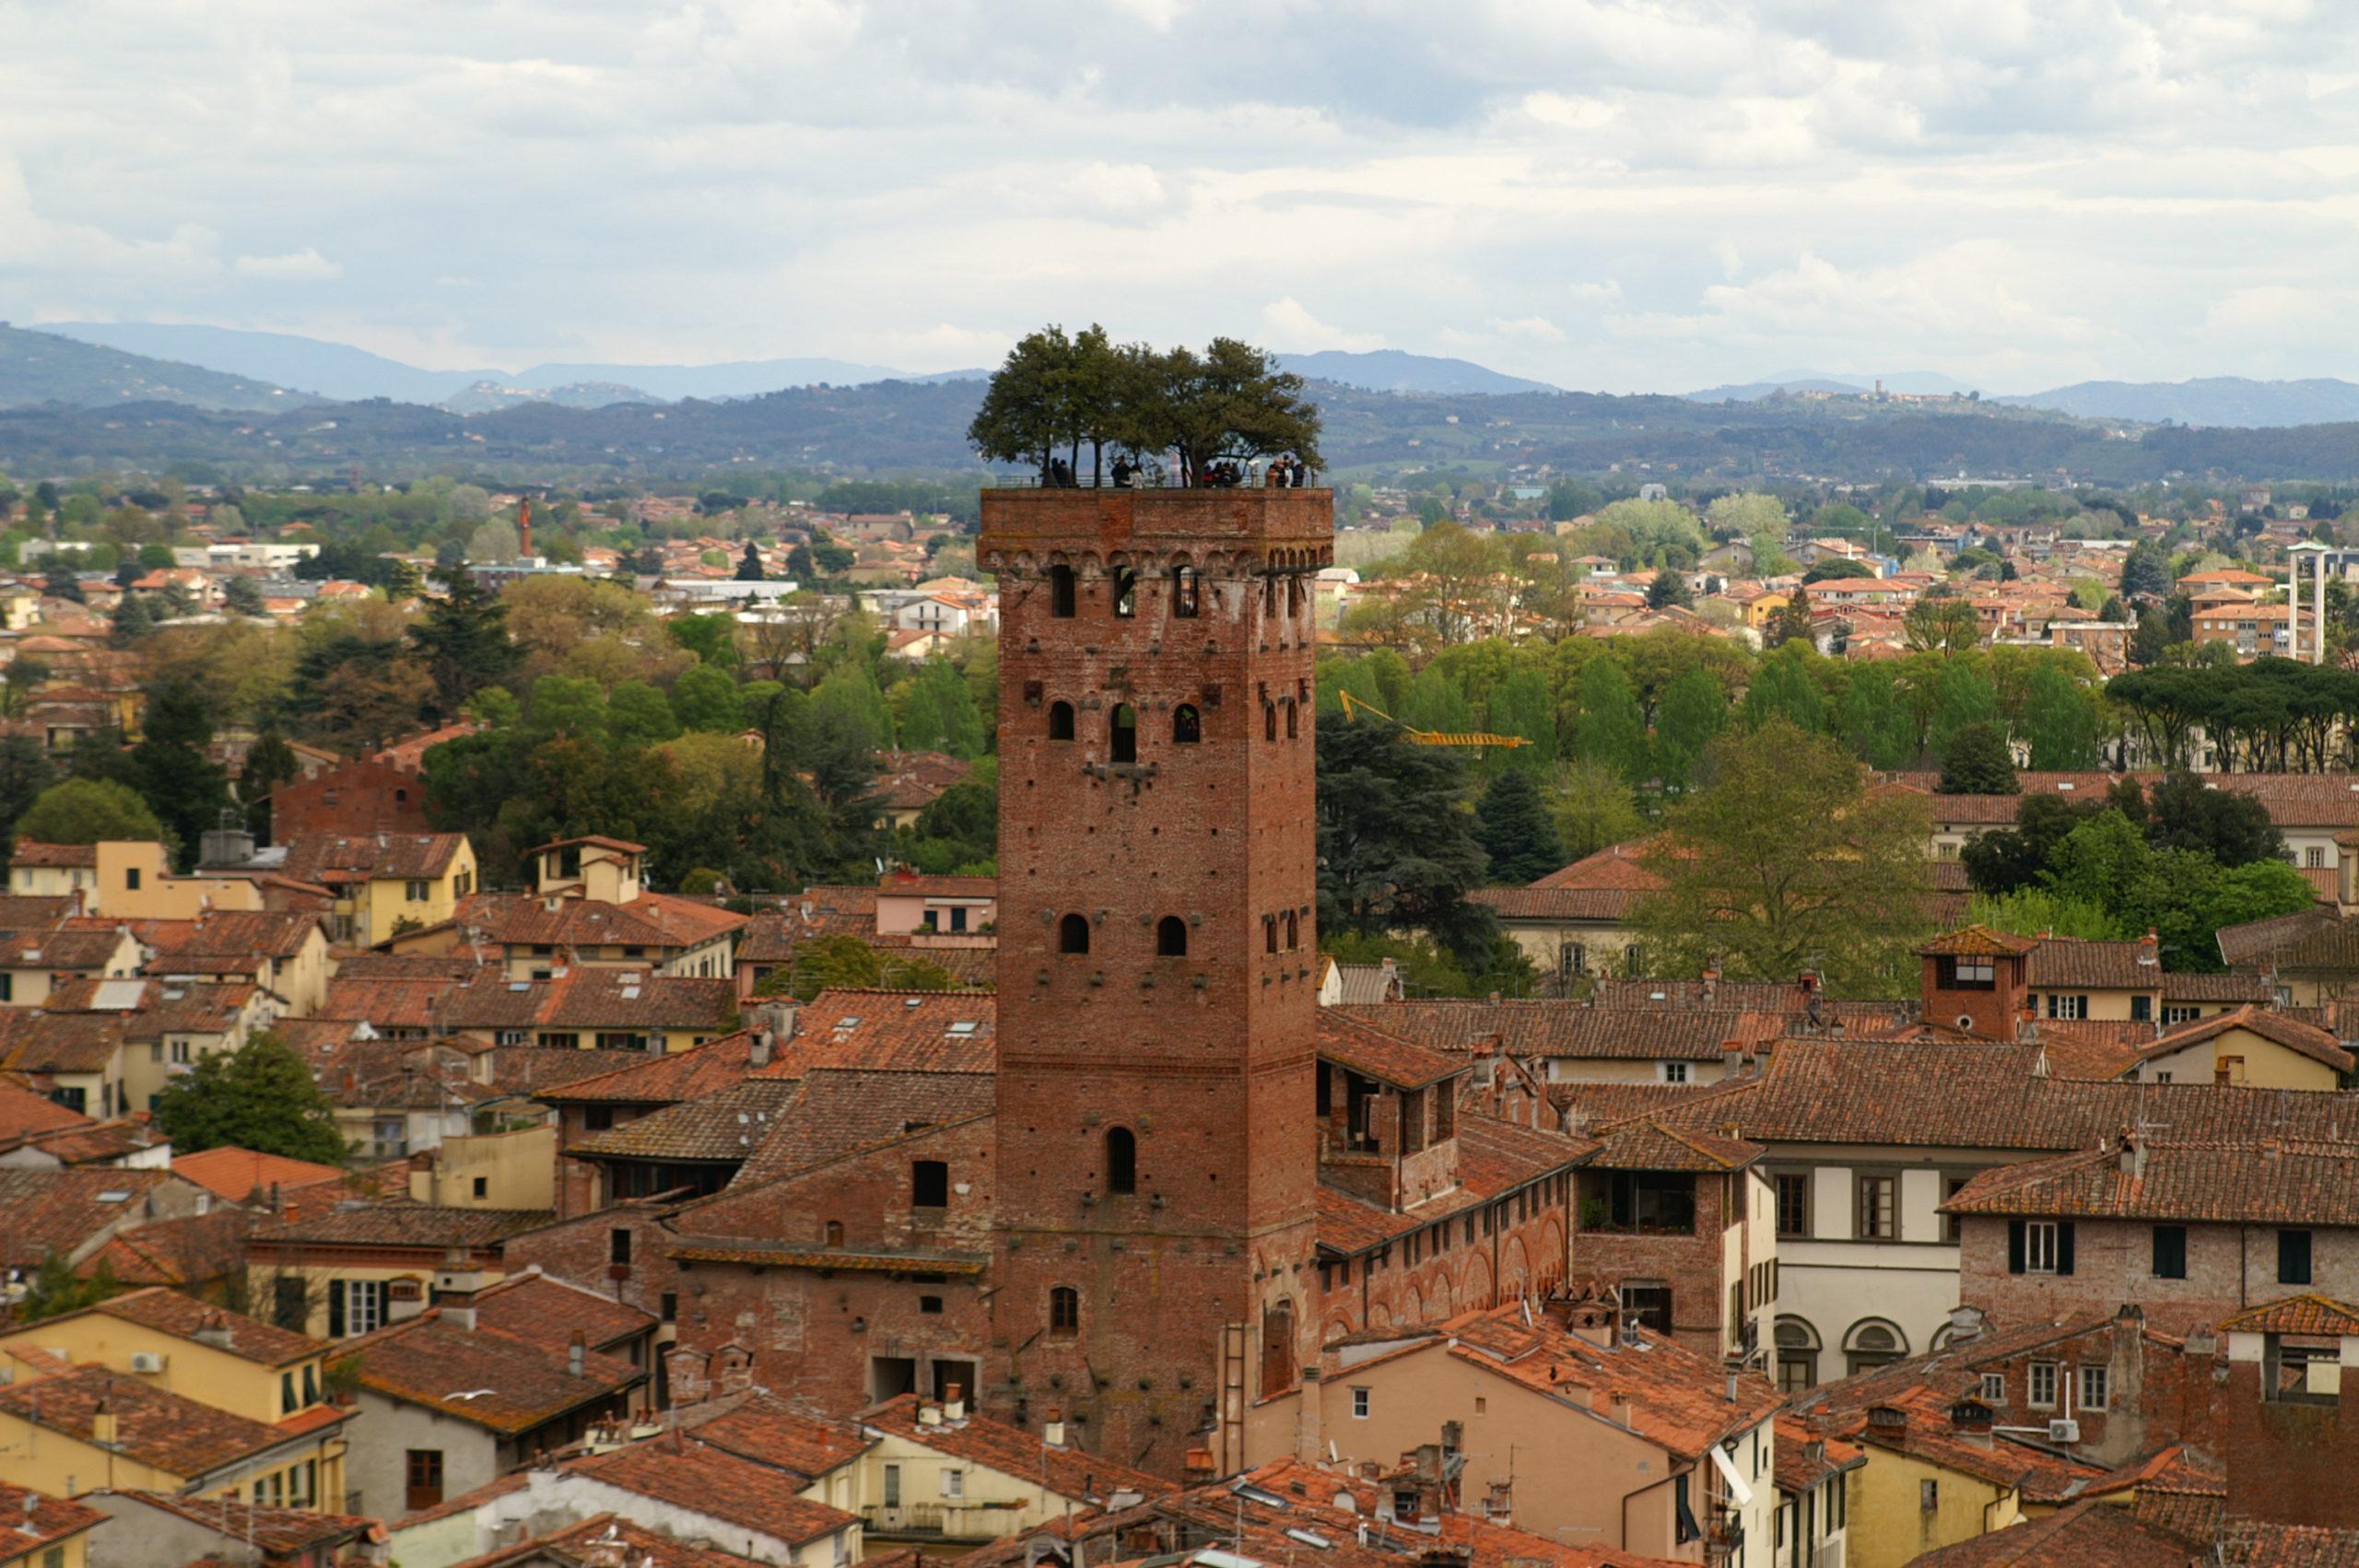 Toskania – jak zorganizowaliśmy swój pierwszy wyjazd do Włoch